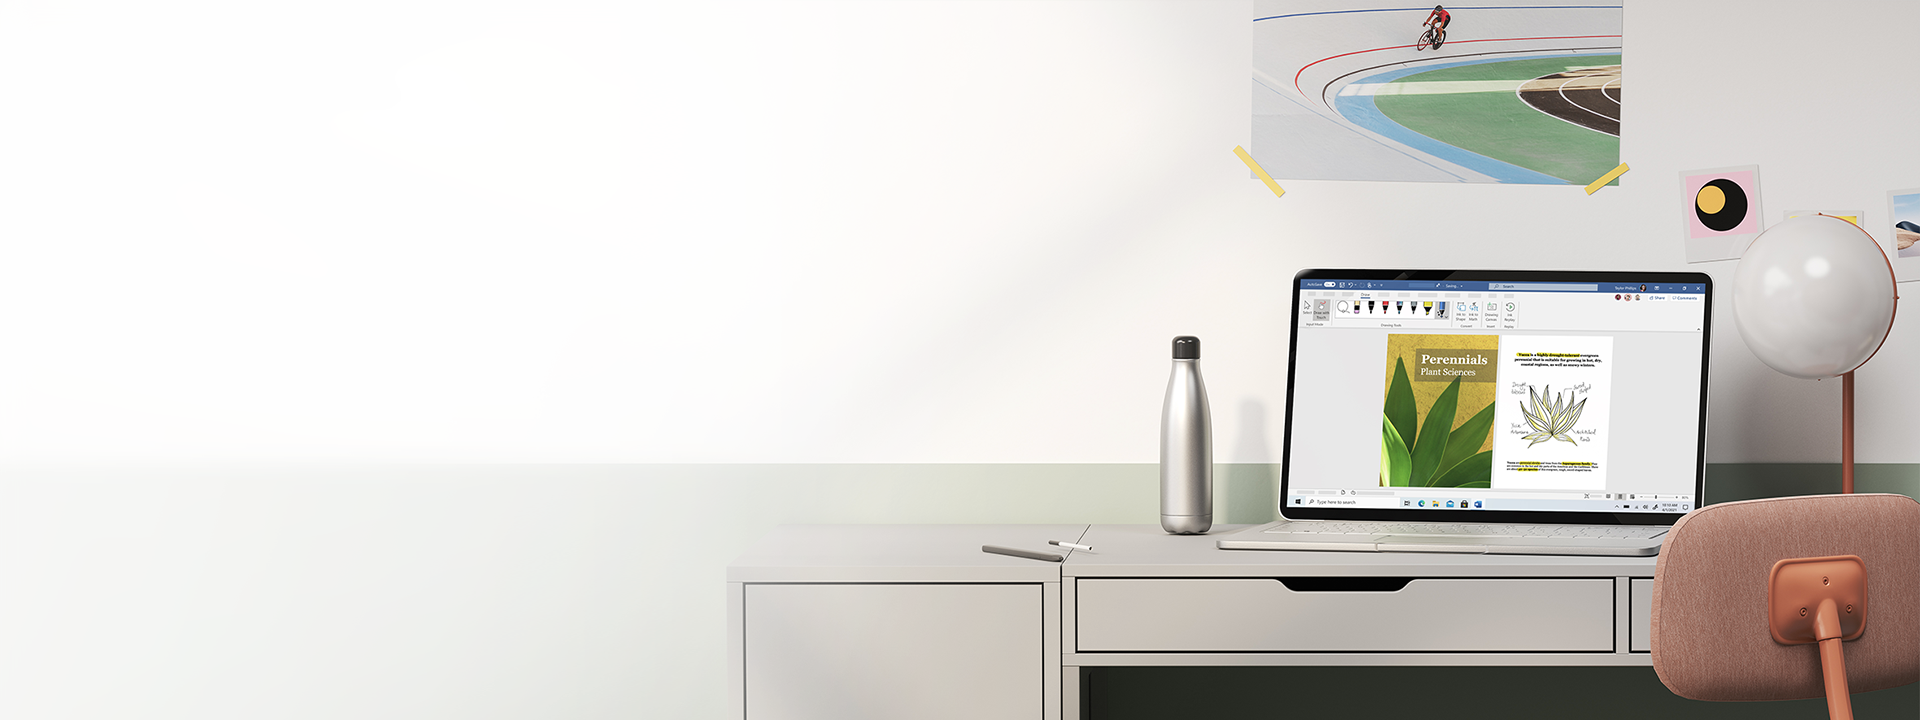 Ordinateur portable Windows10 ouvert posé sur un bureau.